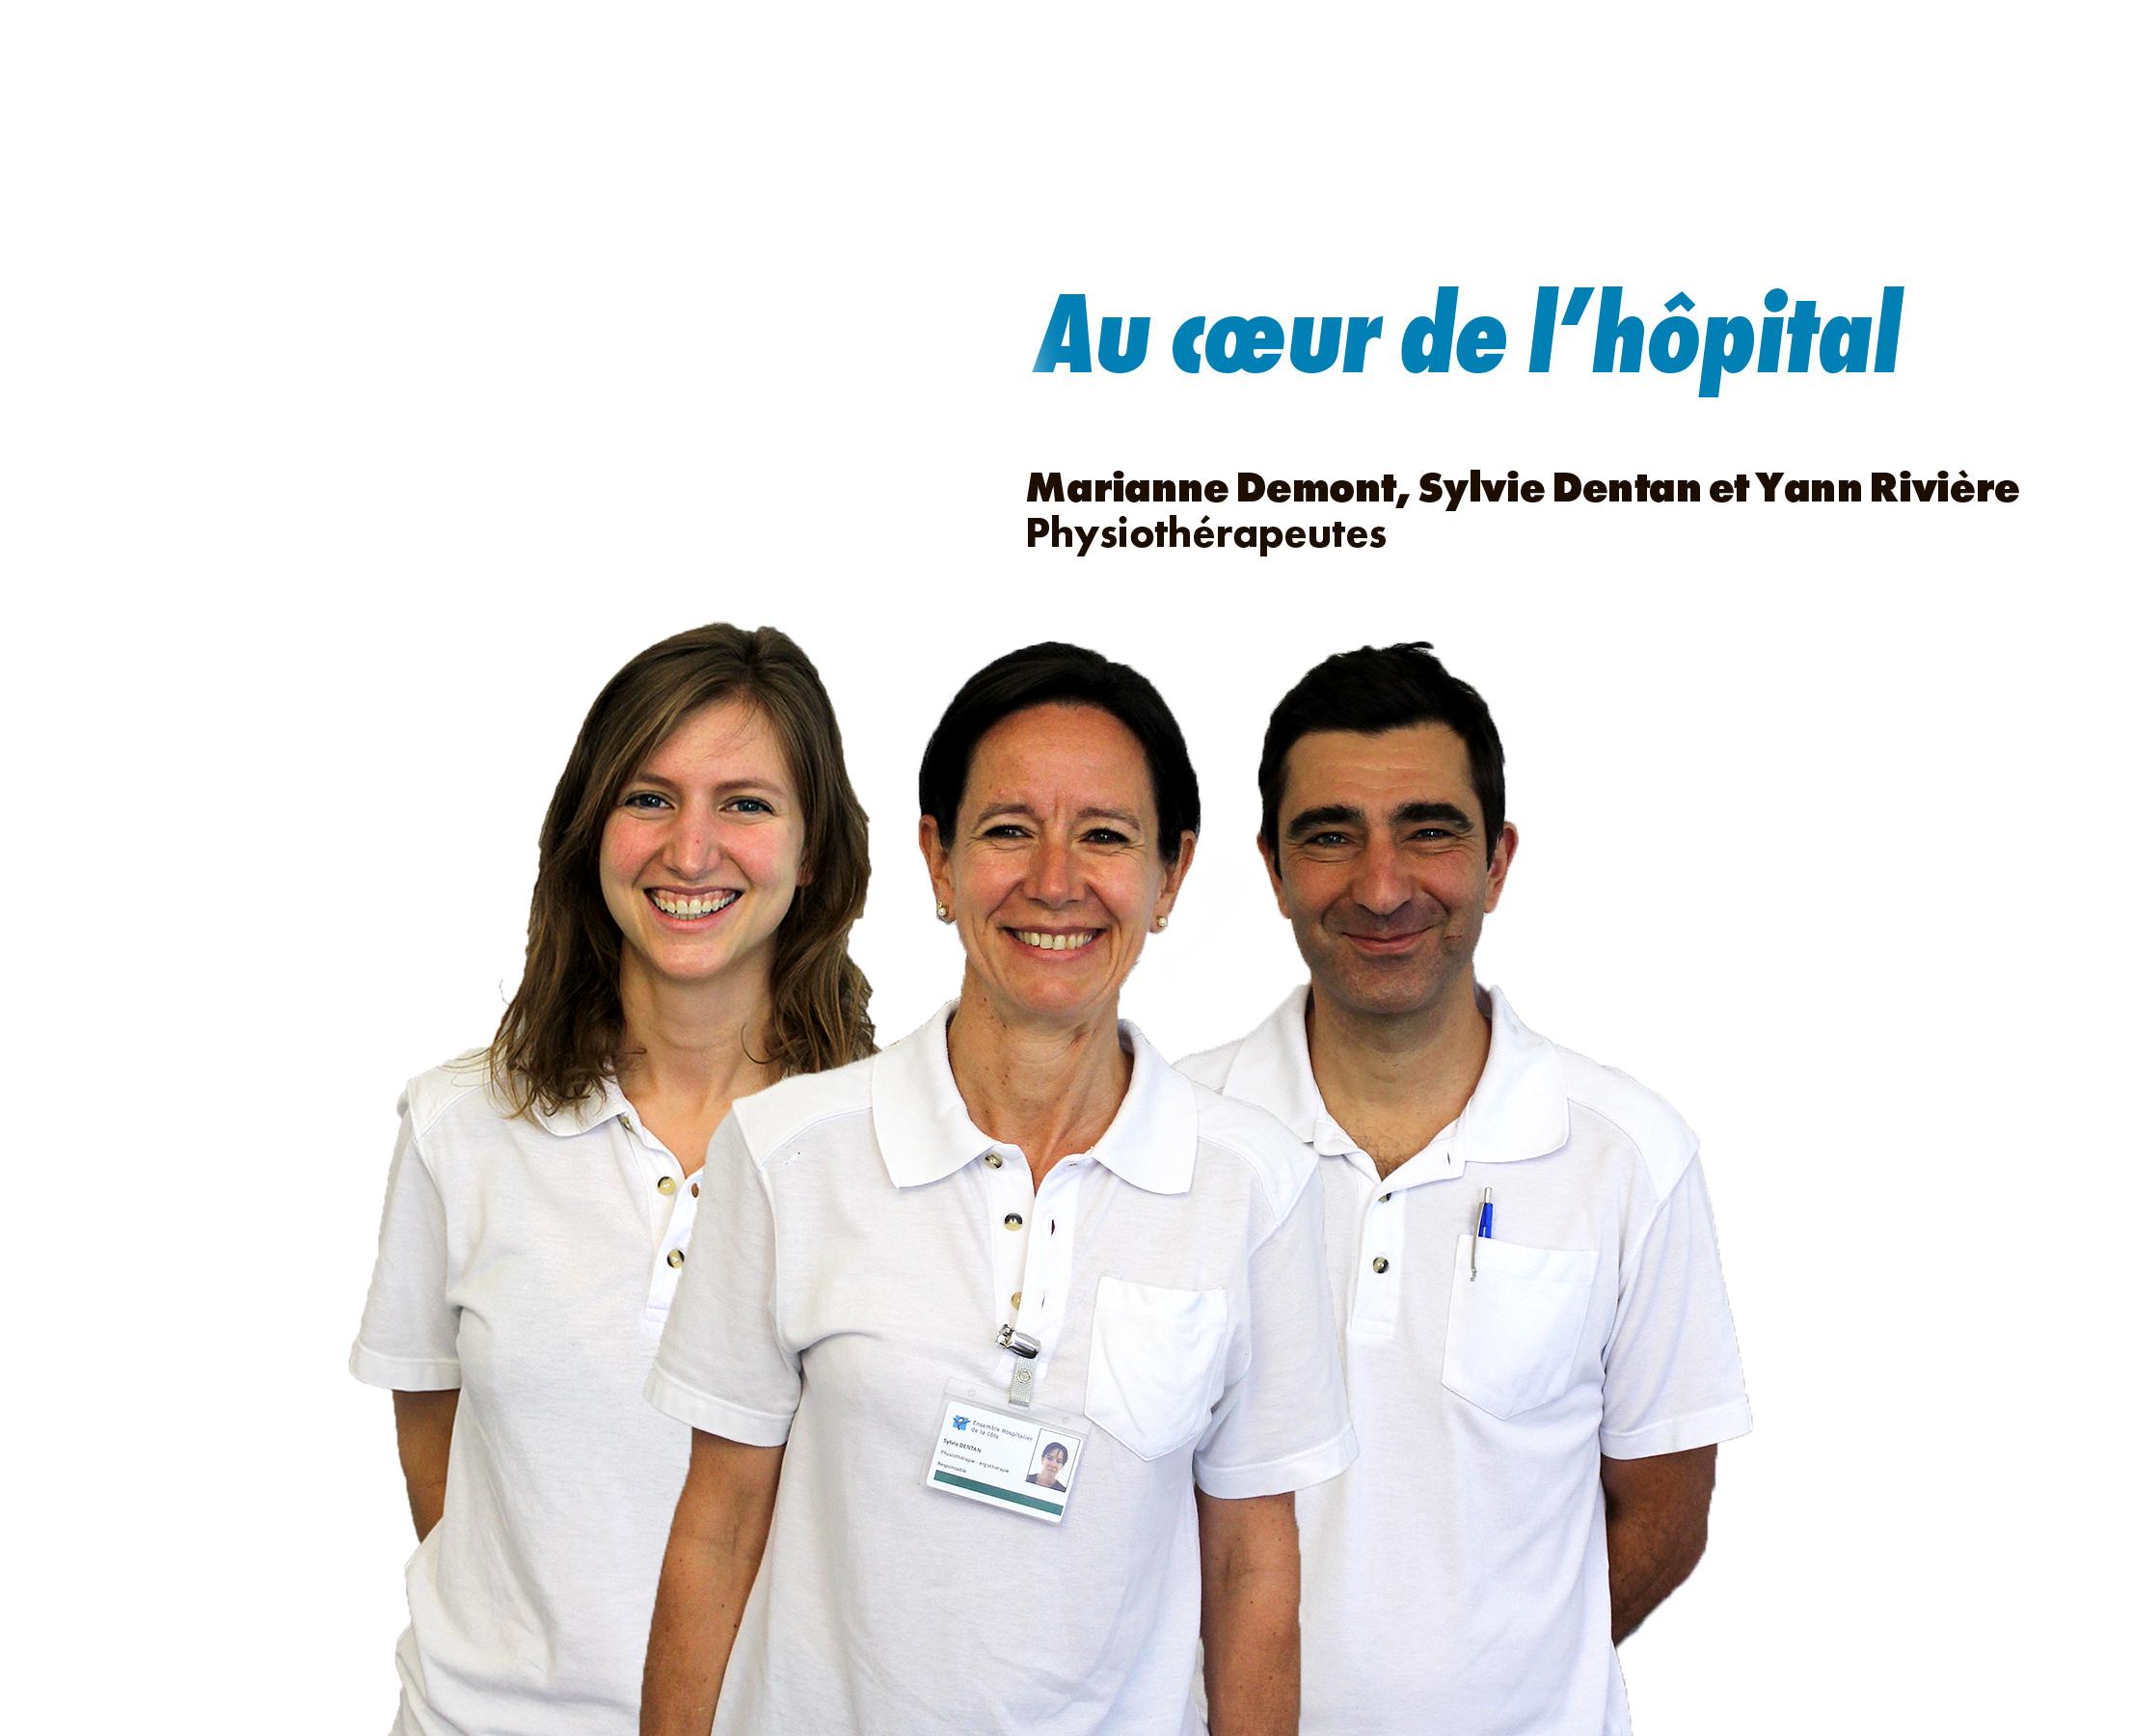 Au coeur de l'hôpital III